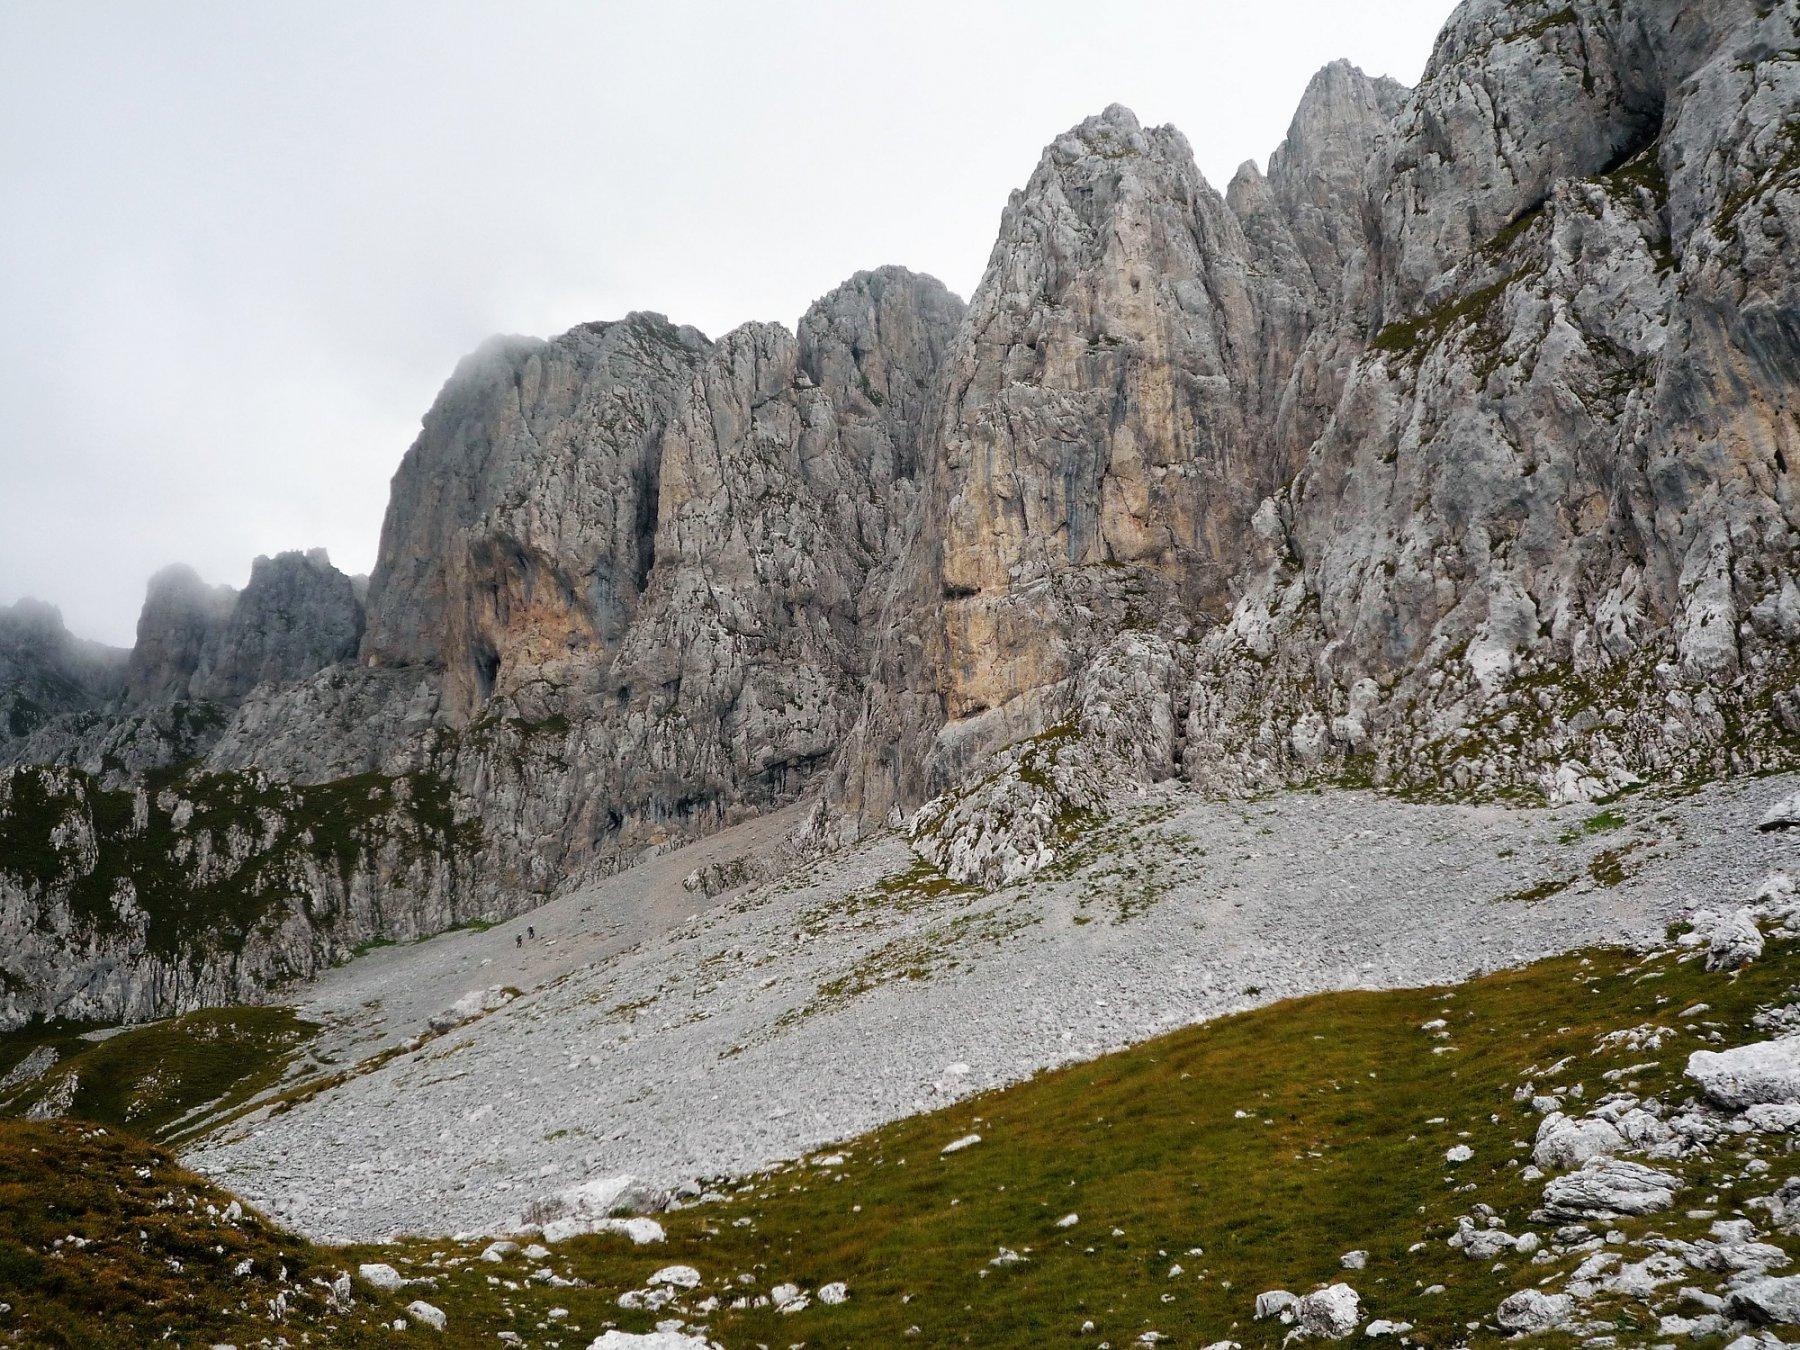 Presolana ed escursionisti fuori rotta dalla normale